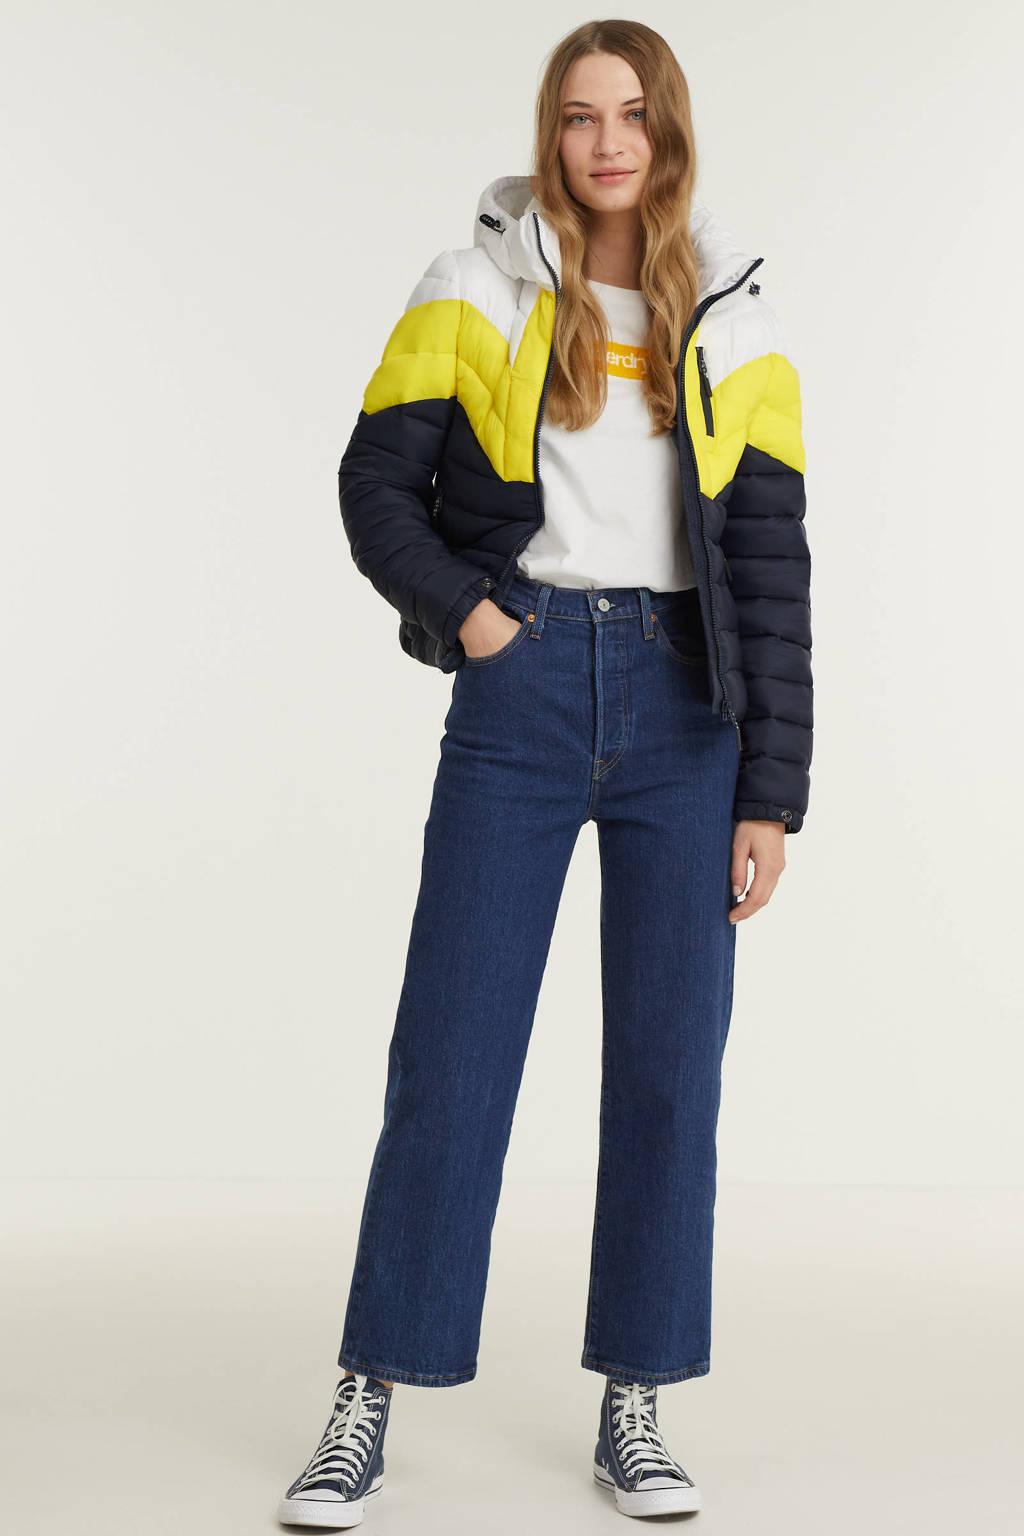 Superdry gewatteerde jas Colour Block Fuji donkerblauw/geel/wit, Donkerblauw/geel/wit